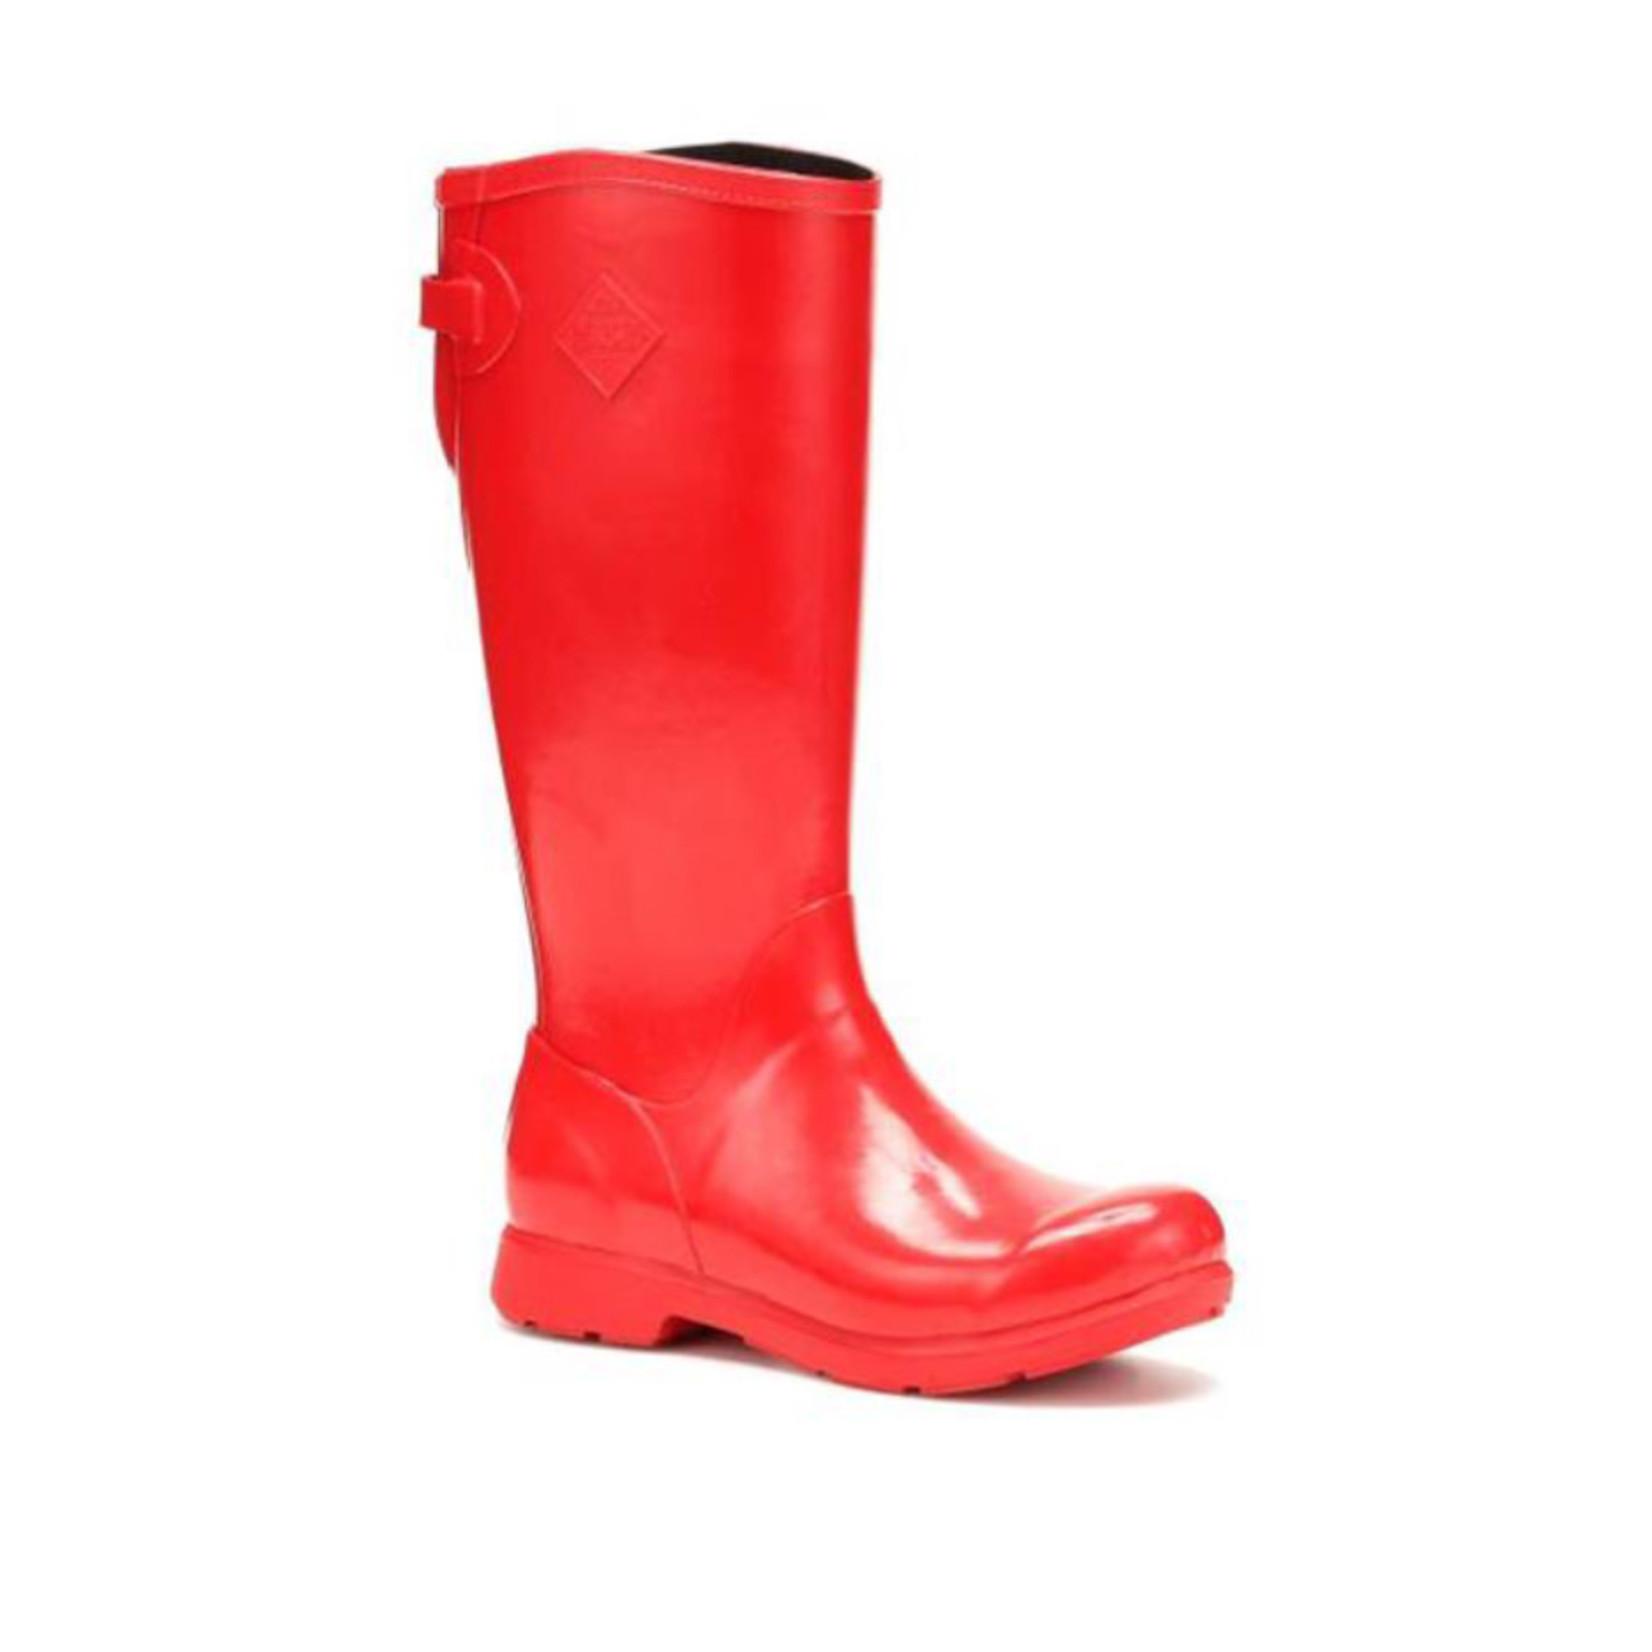 Muck Muck Women's Bergen Tall Red Rubber Boot - WBT-600